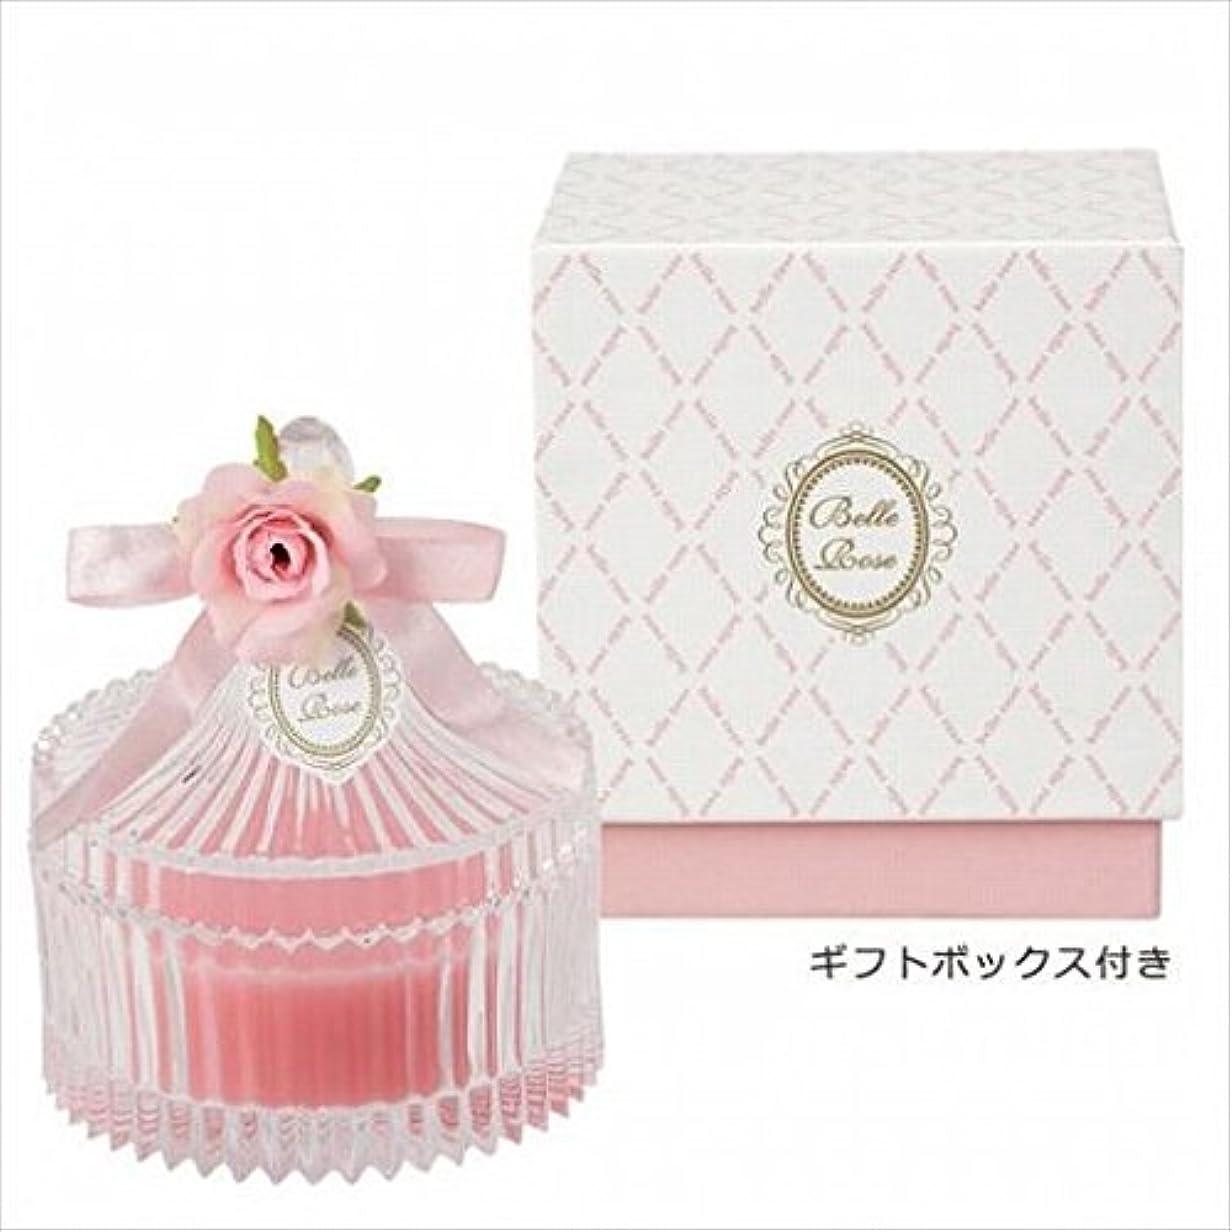 確認してください出撃者カラスkameyama candle(カメヤマキャンドル) ベルローズキャニスター 「 ピンク 」 キャンドル(A5920500PK)